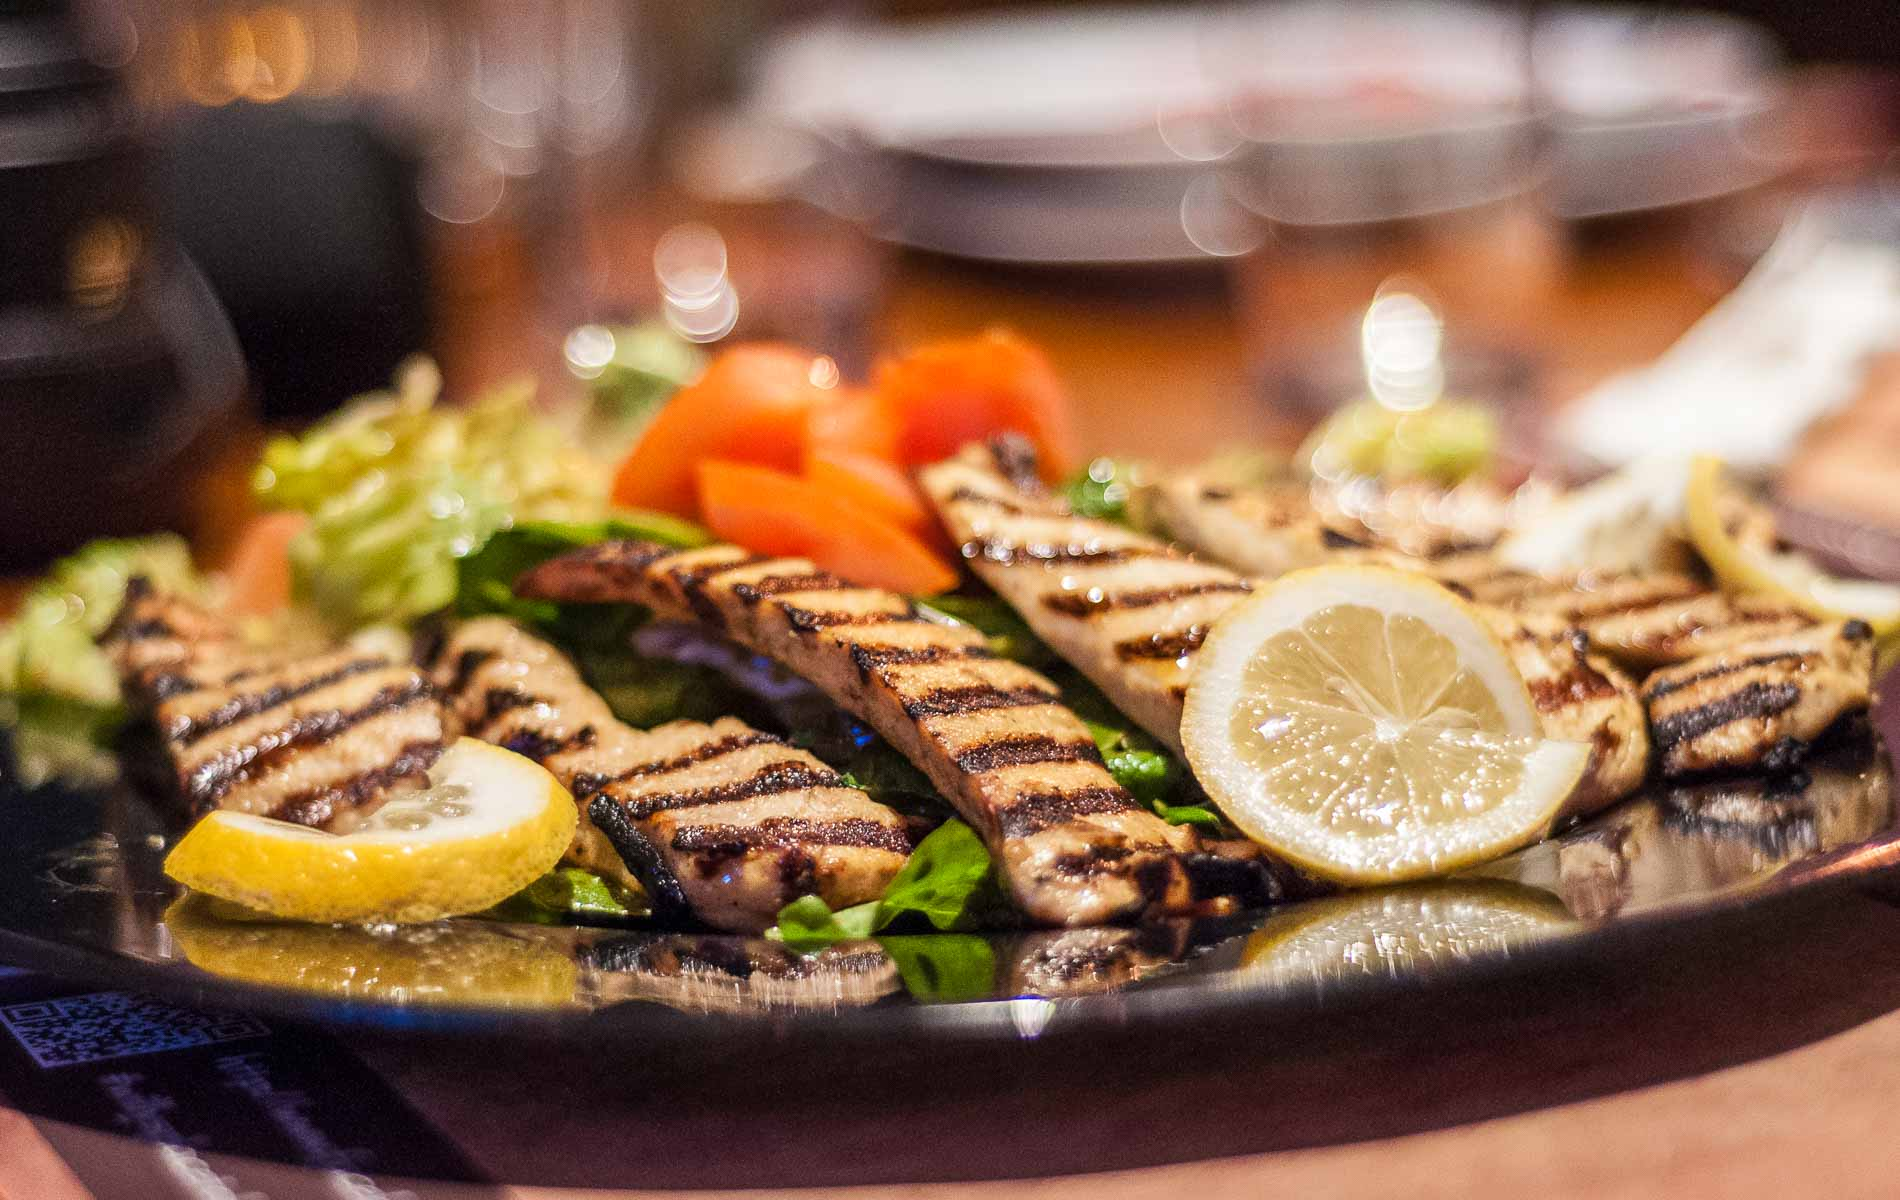 #willys, #willysplace, #fitnessmenu, #fillet, #chicken, #salad